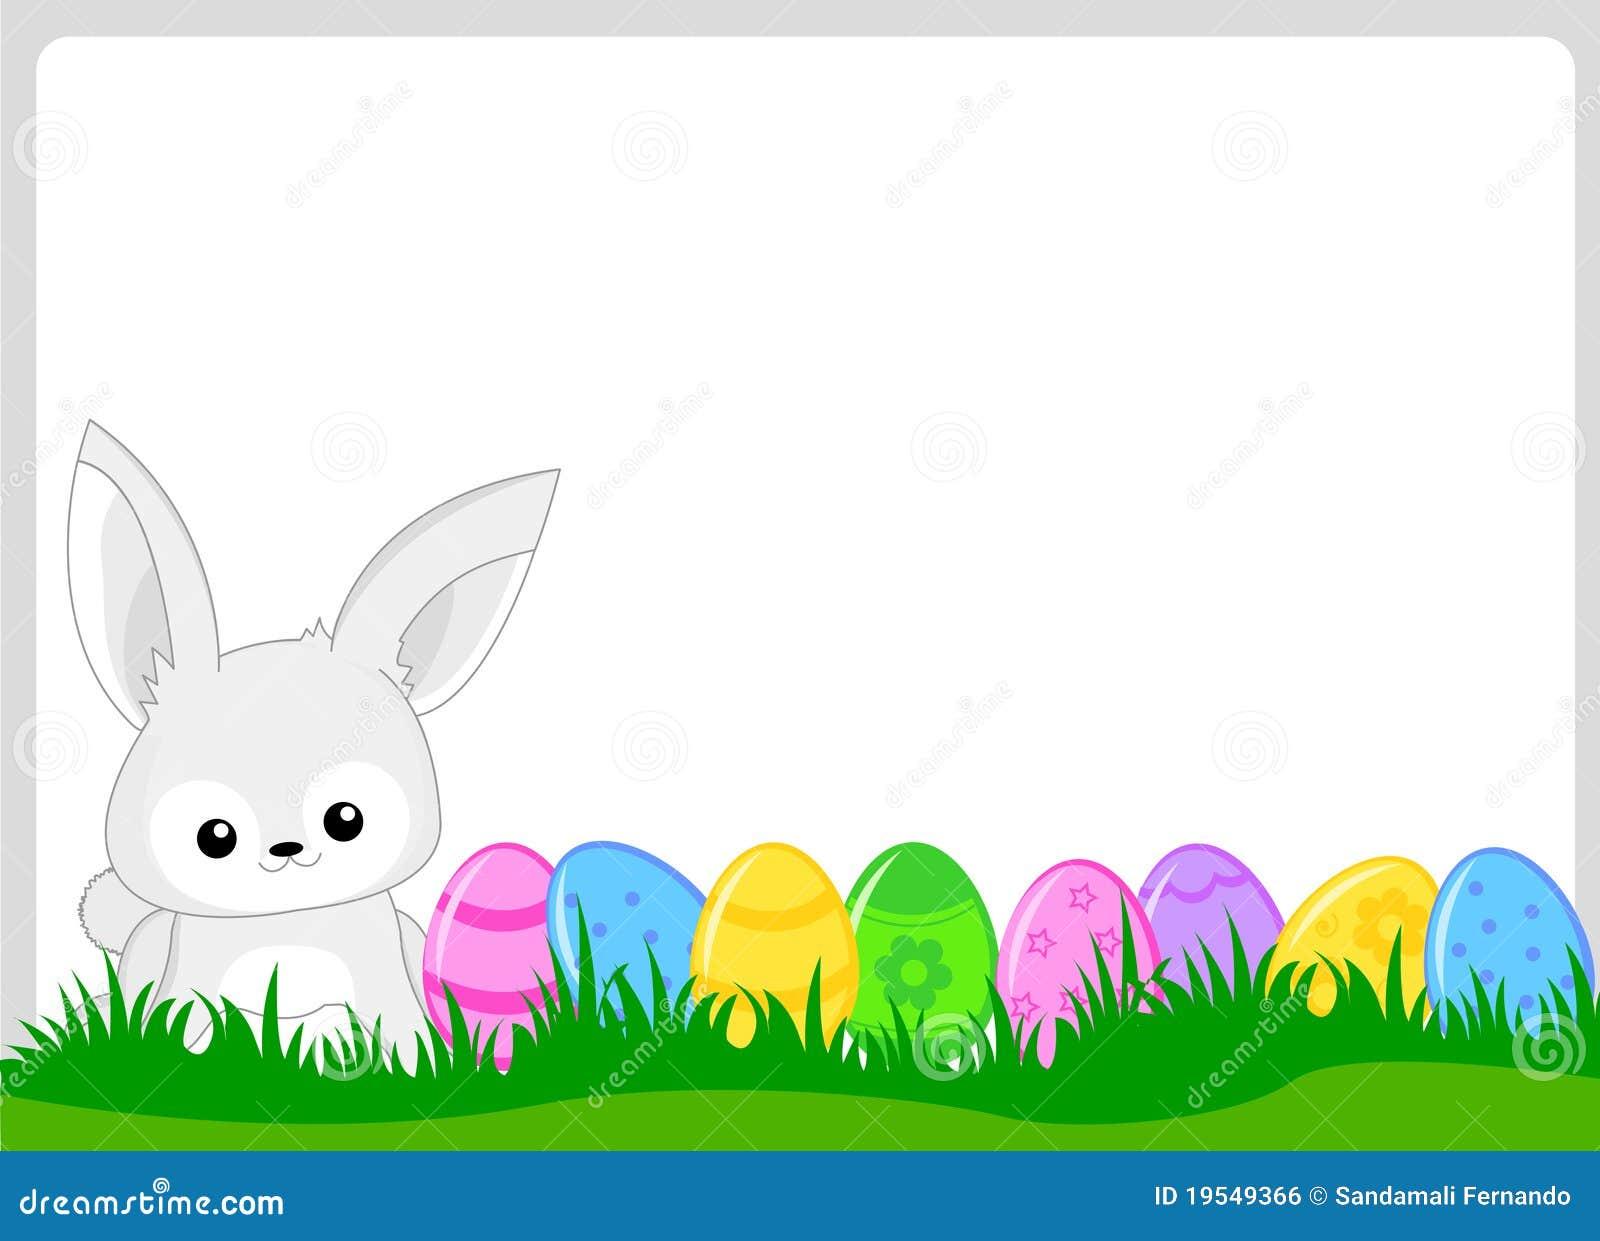 easter frame - Easter Photo Frames